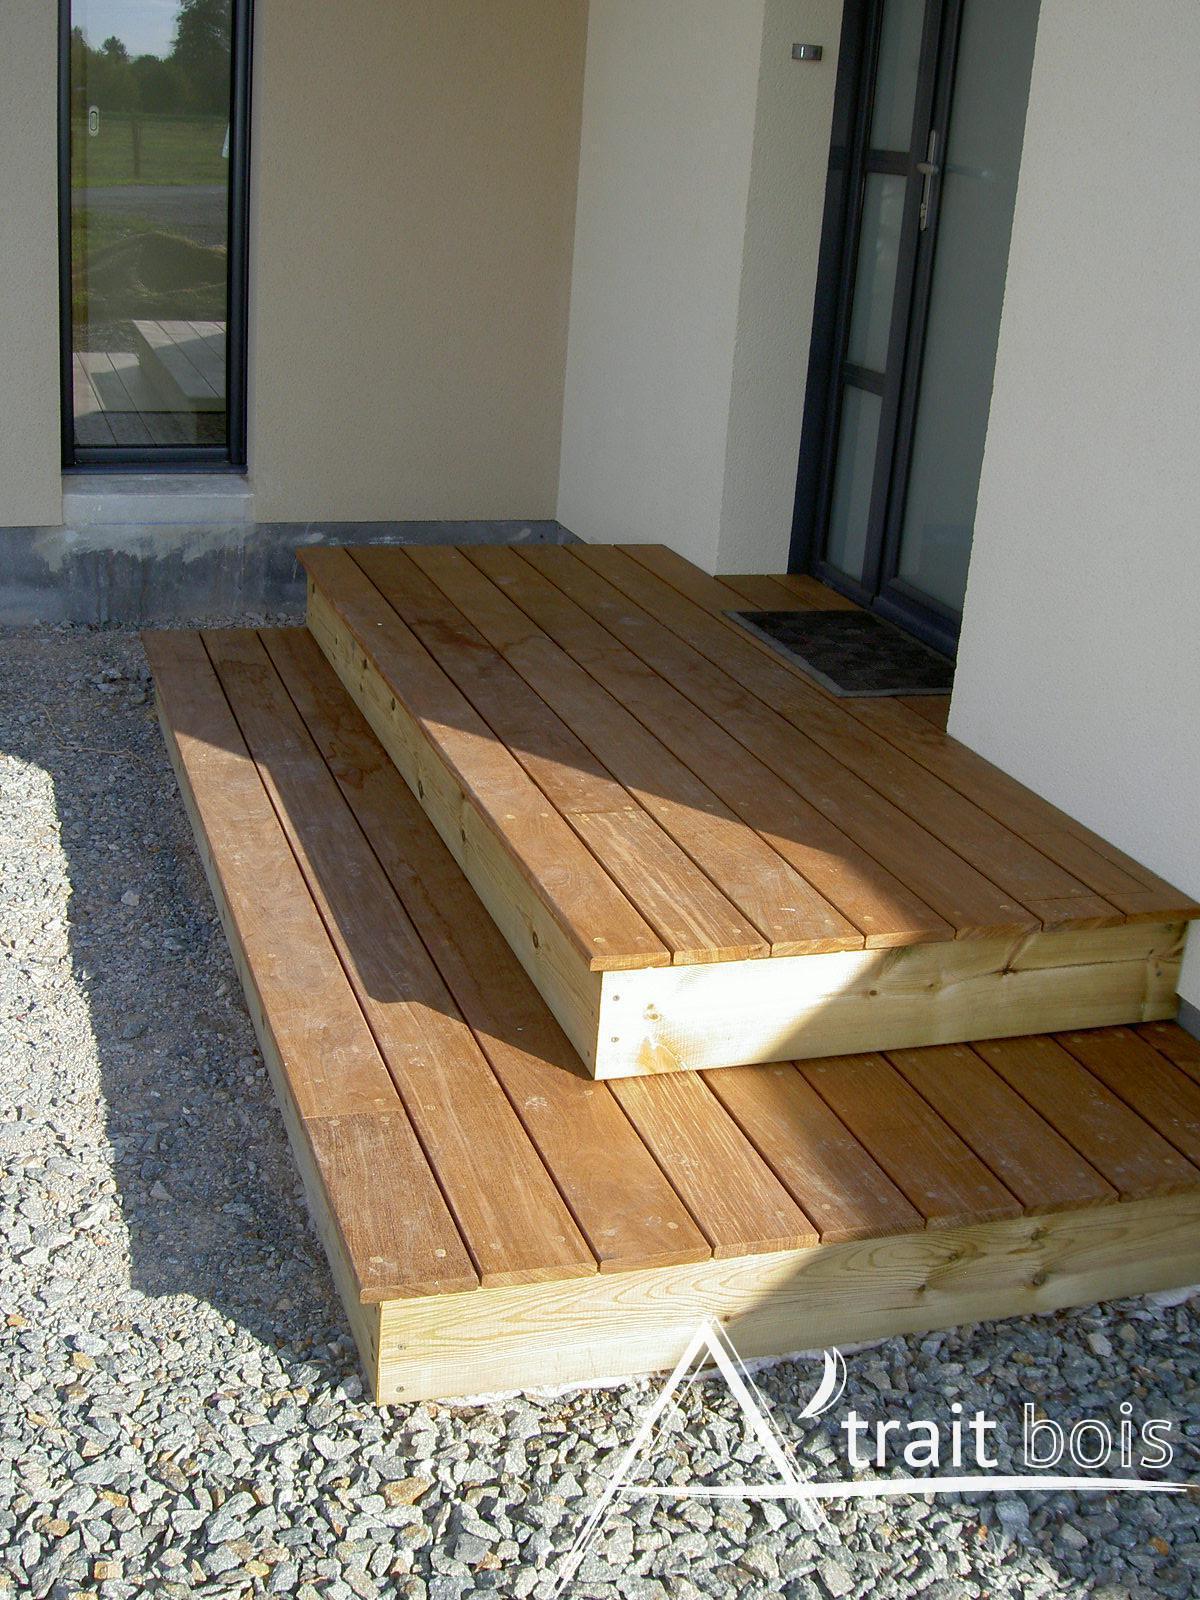 terrasse en bois fabrication et pose angers 49. Black Bedroom Furniture Sets. Home Design Ideas